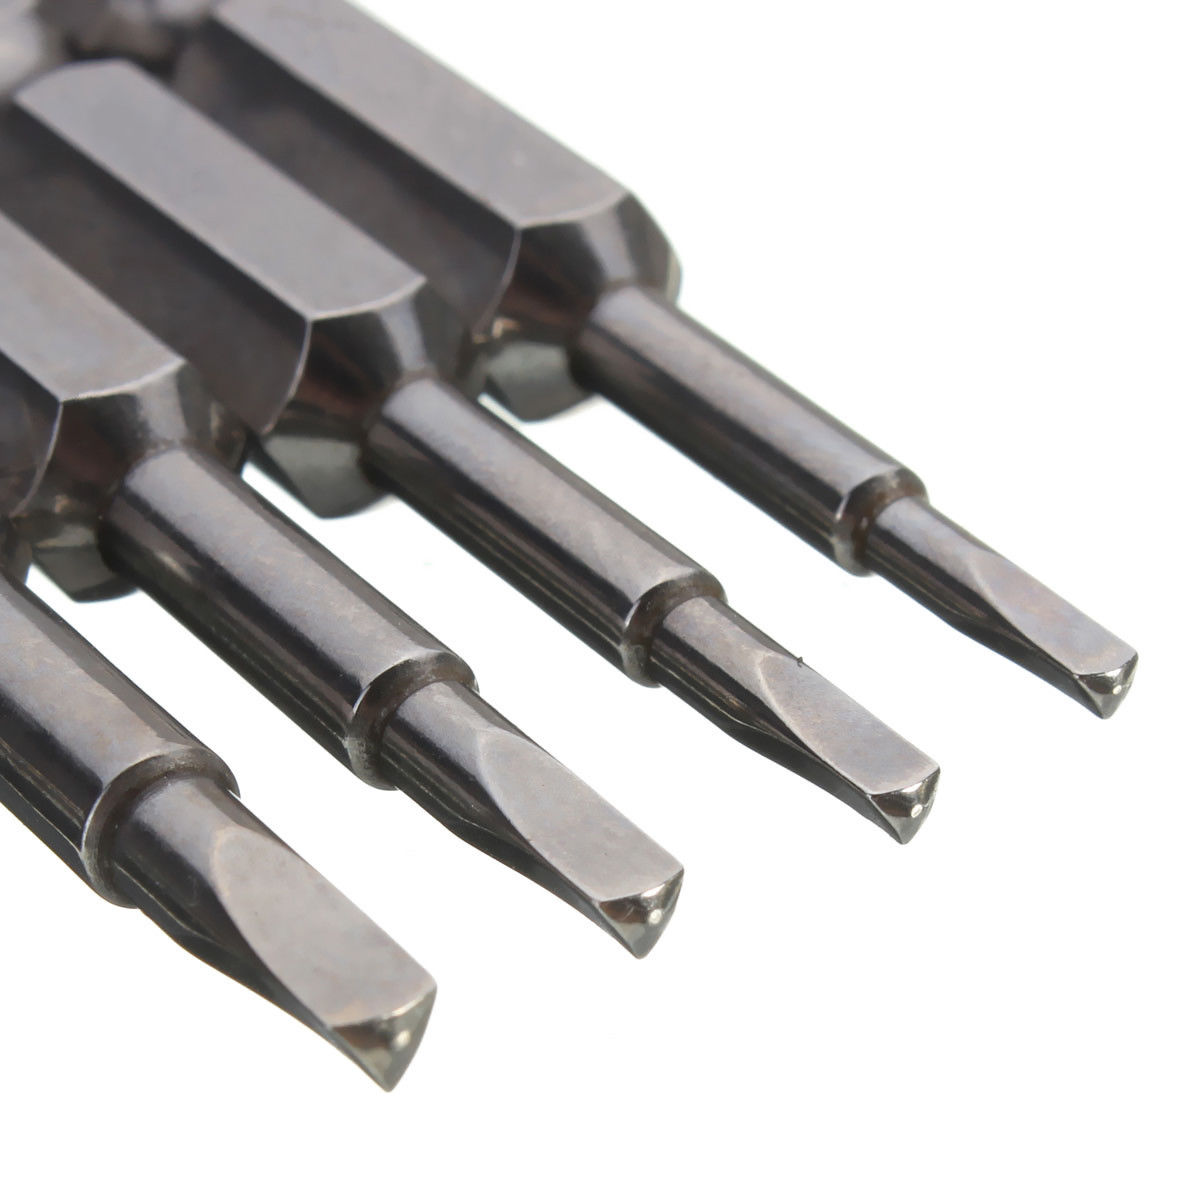 Bestgle 12 Unids 50mm Phillips Destornillador Bits Set Magn/ético Acero S2 Eje Hexagonal de 1//4 de Pulgada Destornillador Bits Set Tool